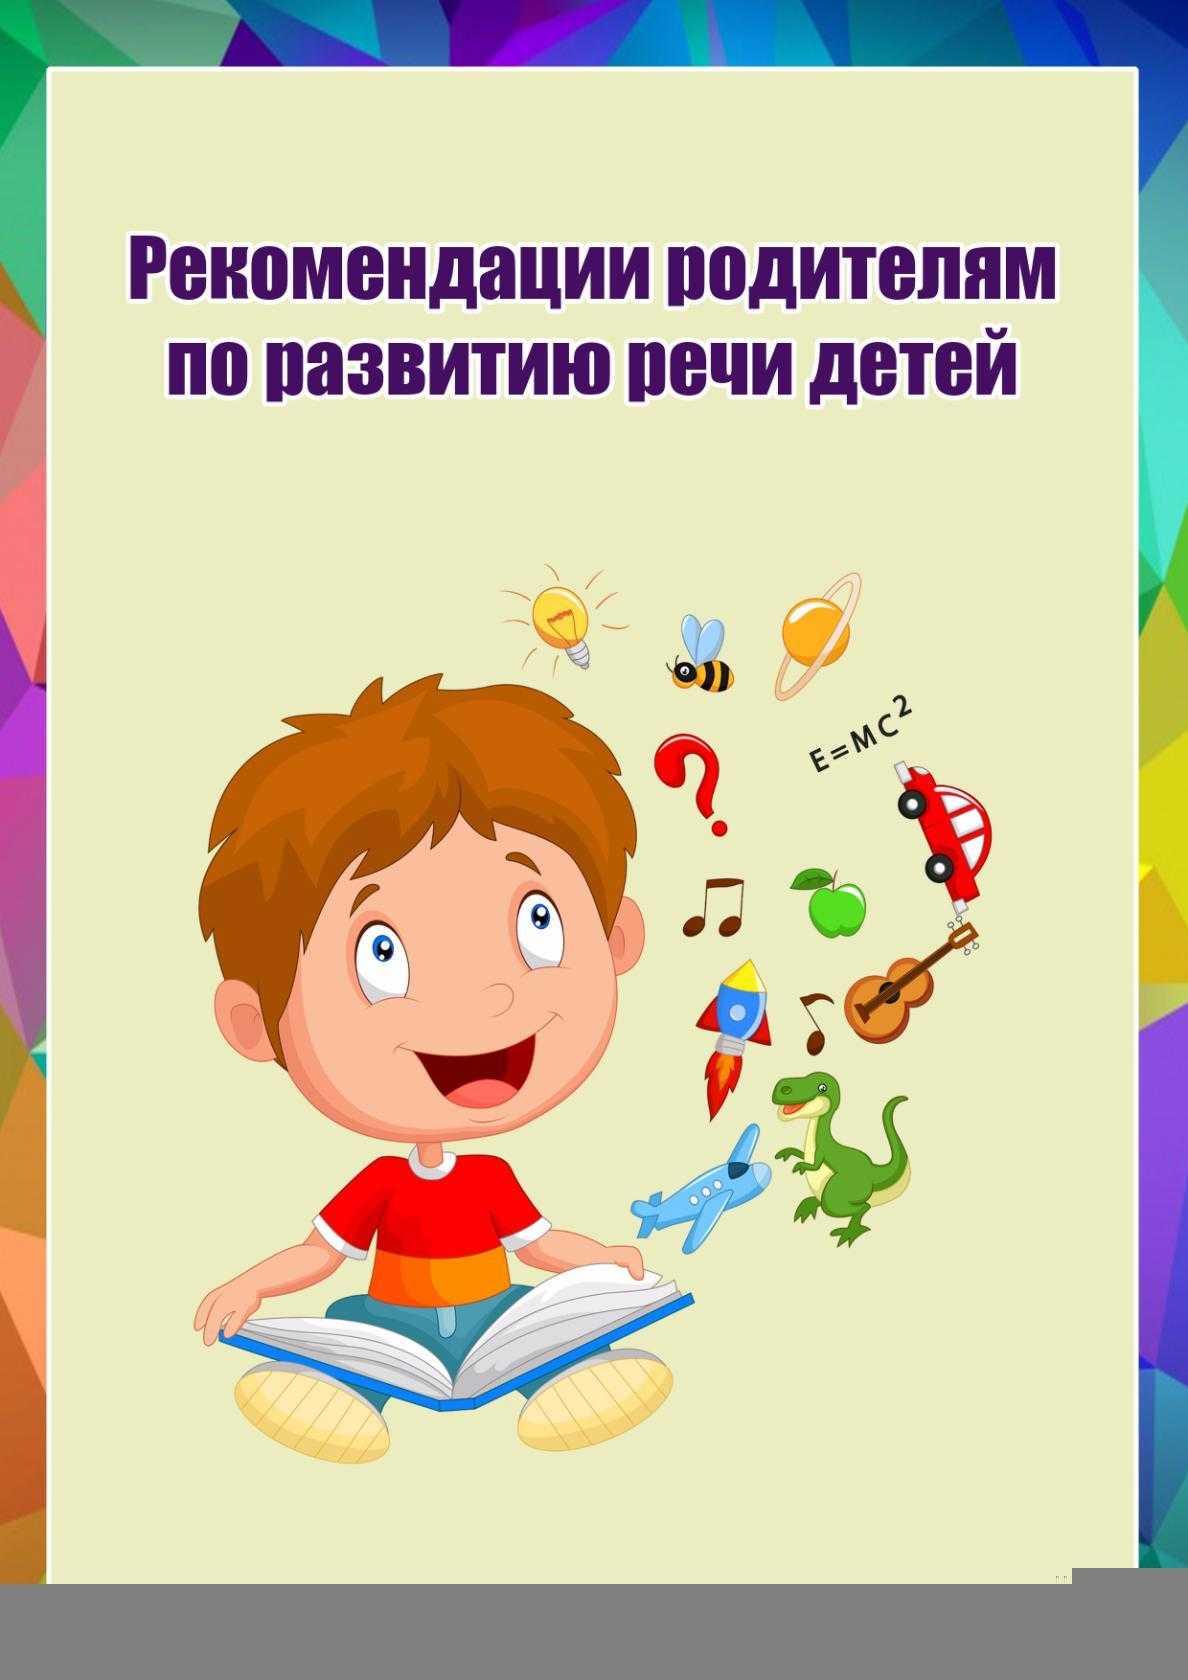 Как научить ребенка говорить: учим разговаривать ребенка в 1, 2 и 3 года быстро и правильно / mama66.ru